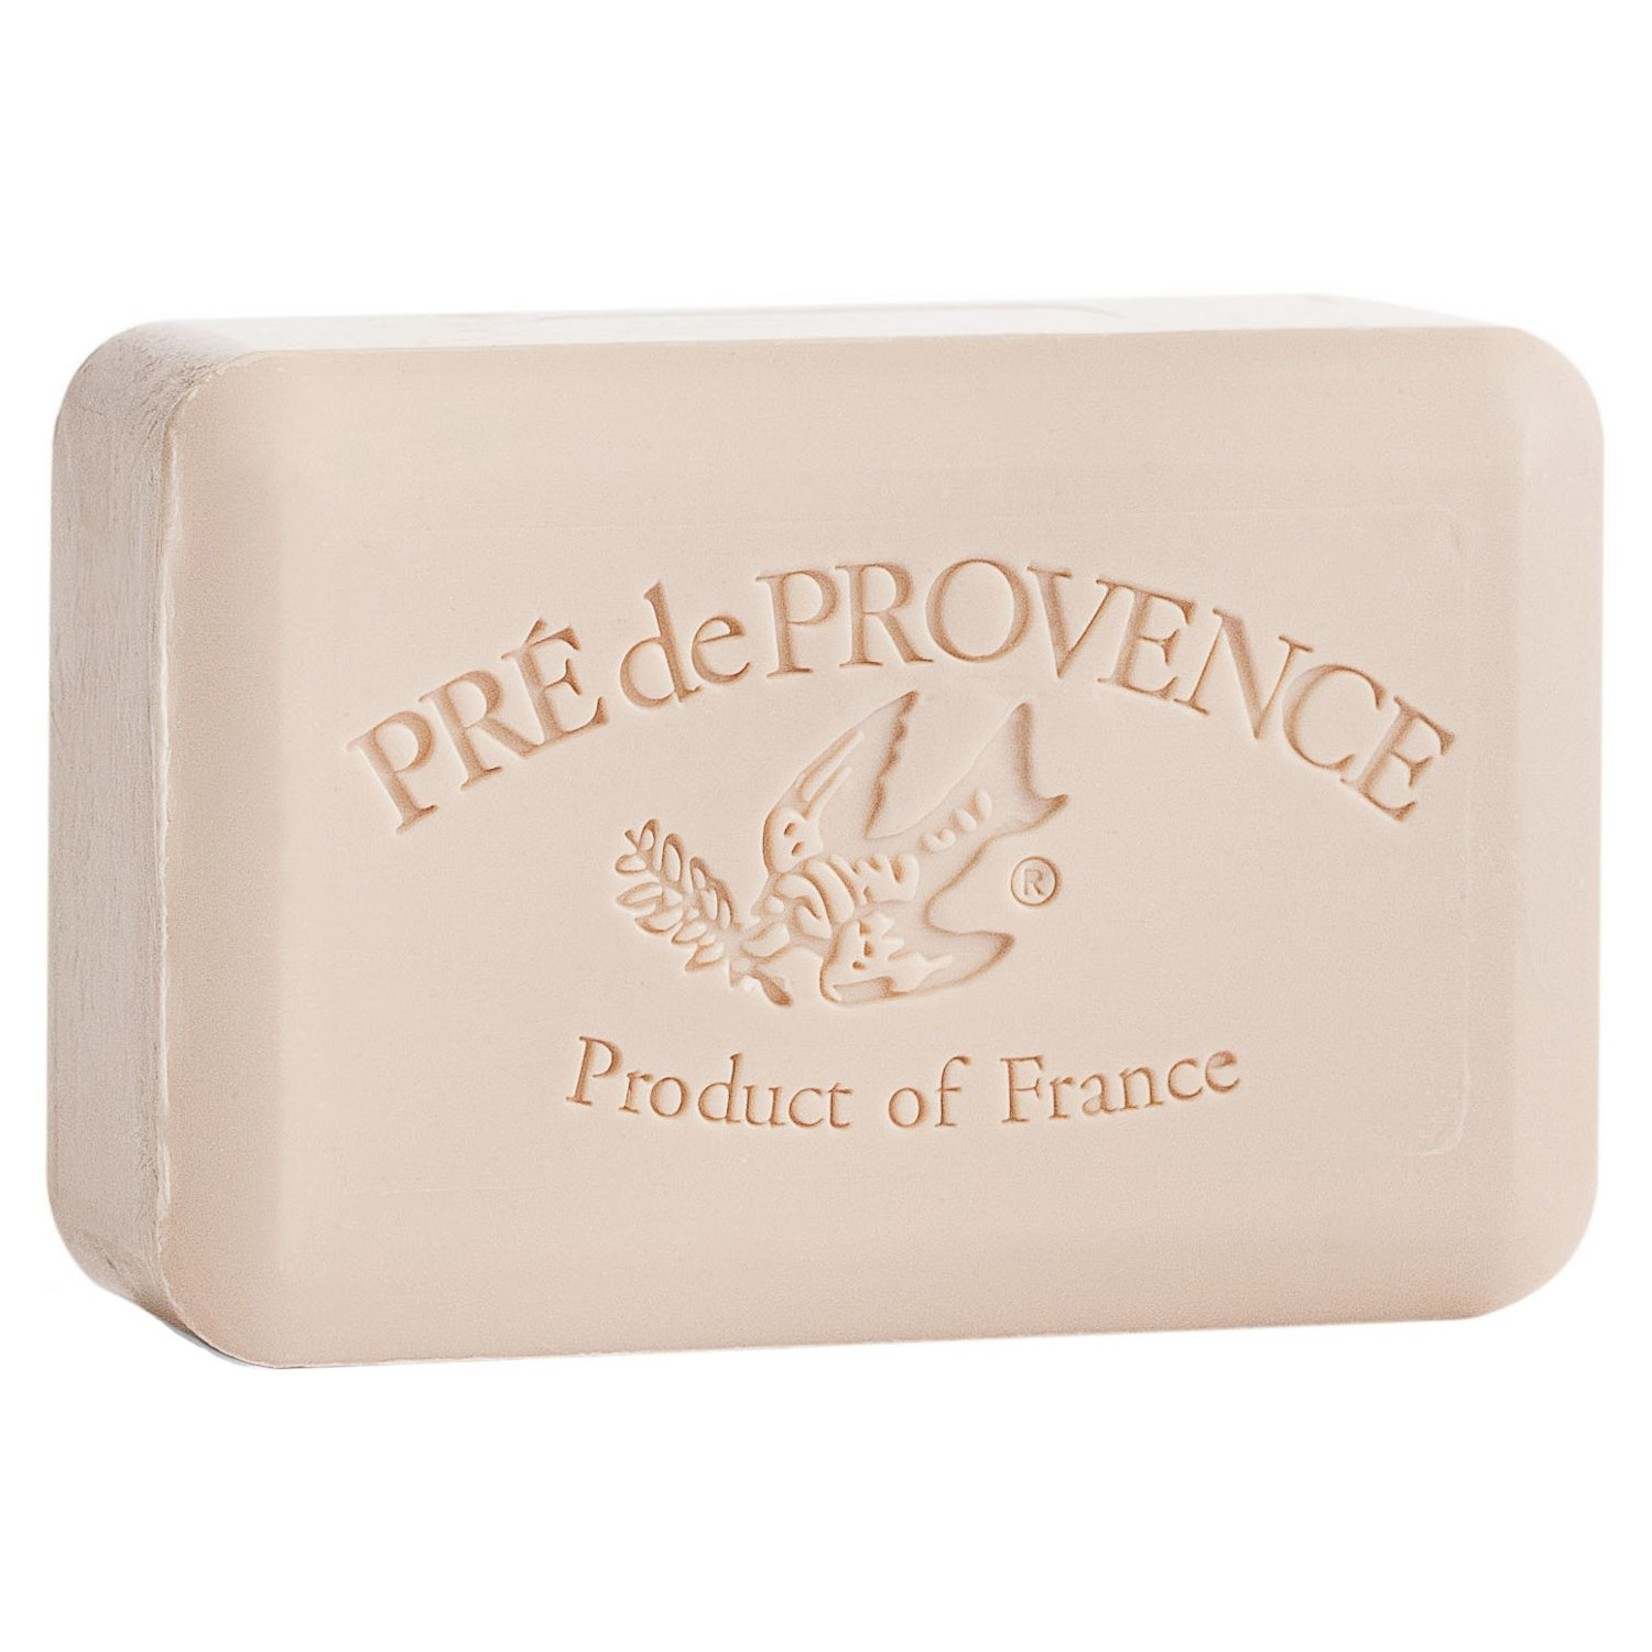 Fabulous Finds Super Sale Pre De Provence - Soap